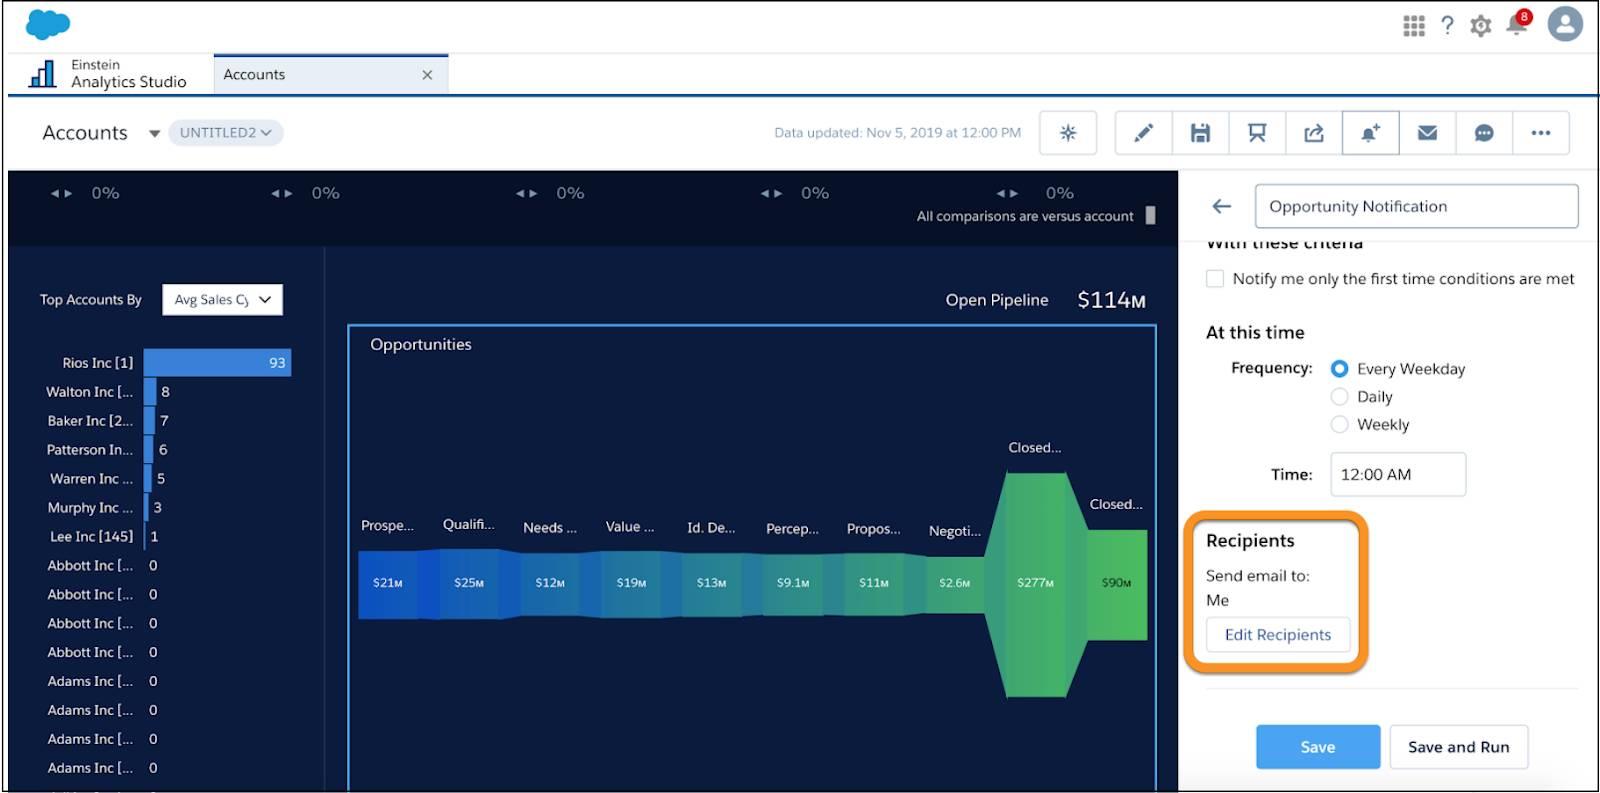 Analytics Studio の右上隅にあるベルアイコンがクリックされると開くフォームで、[受信者] セクションが強調表示されています。[受信者] セクションには [メール受信者を編集] ボタンがあります。